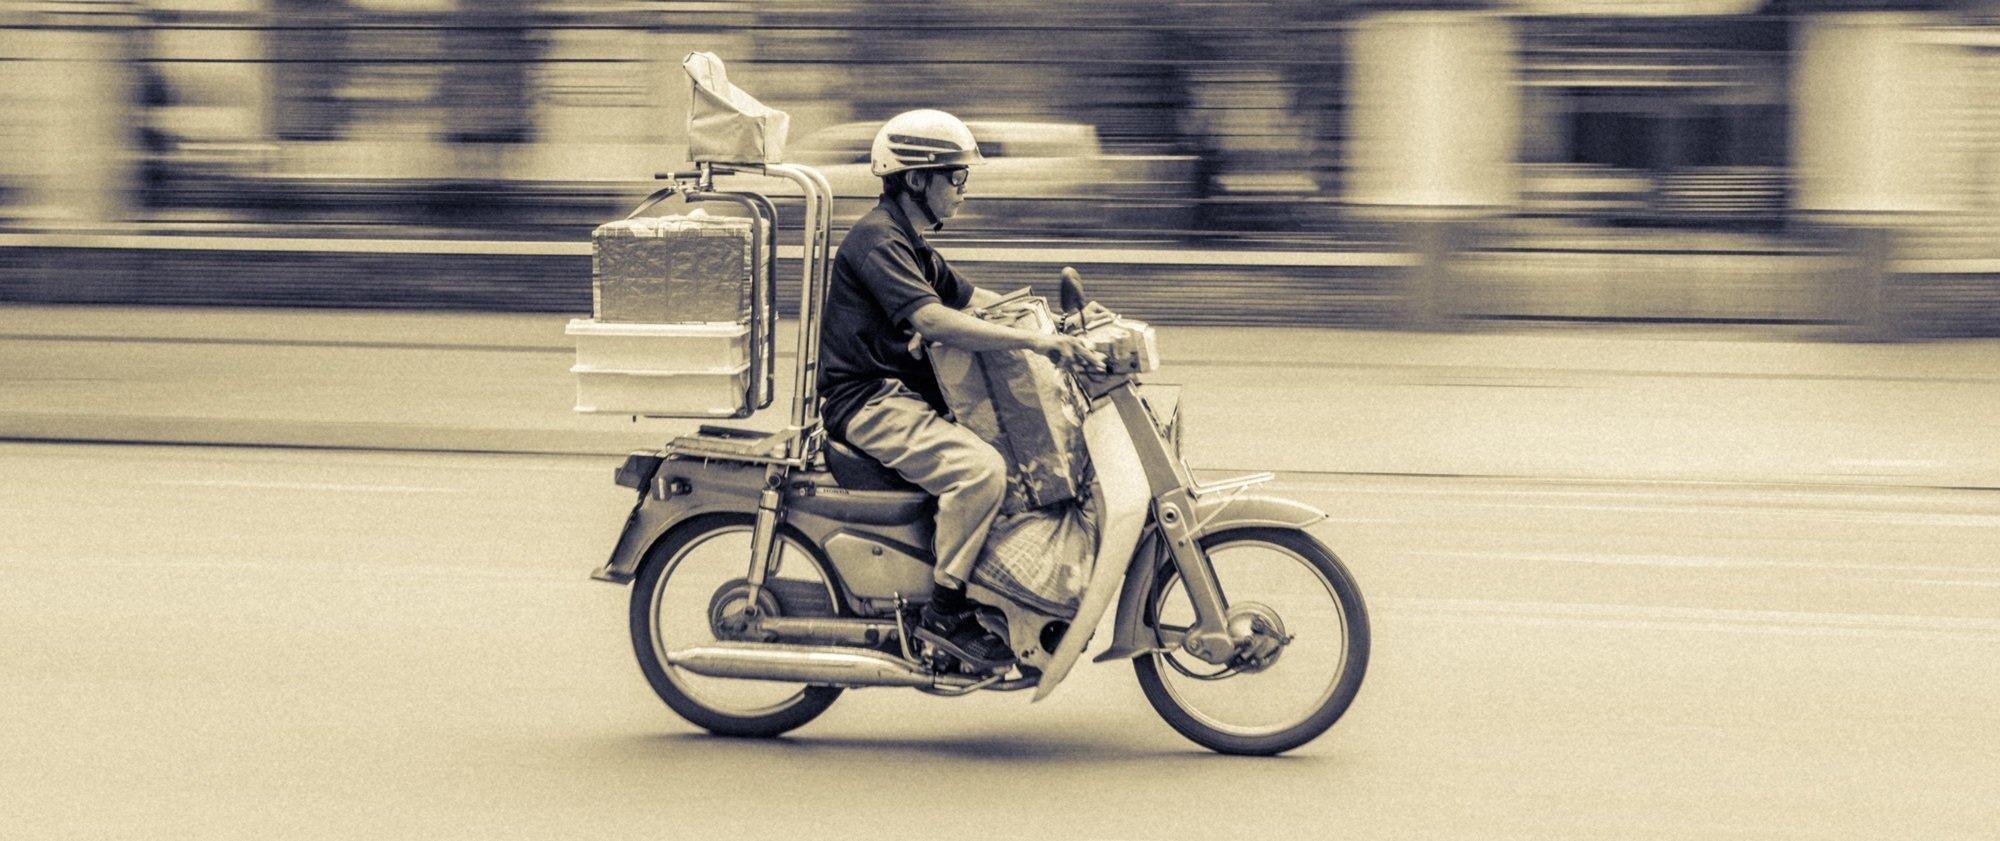 Scooter op weg